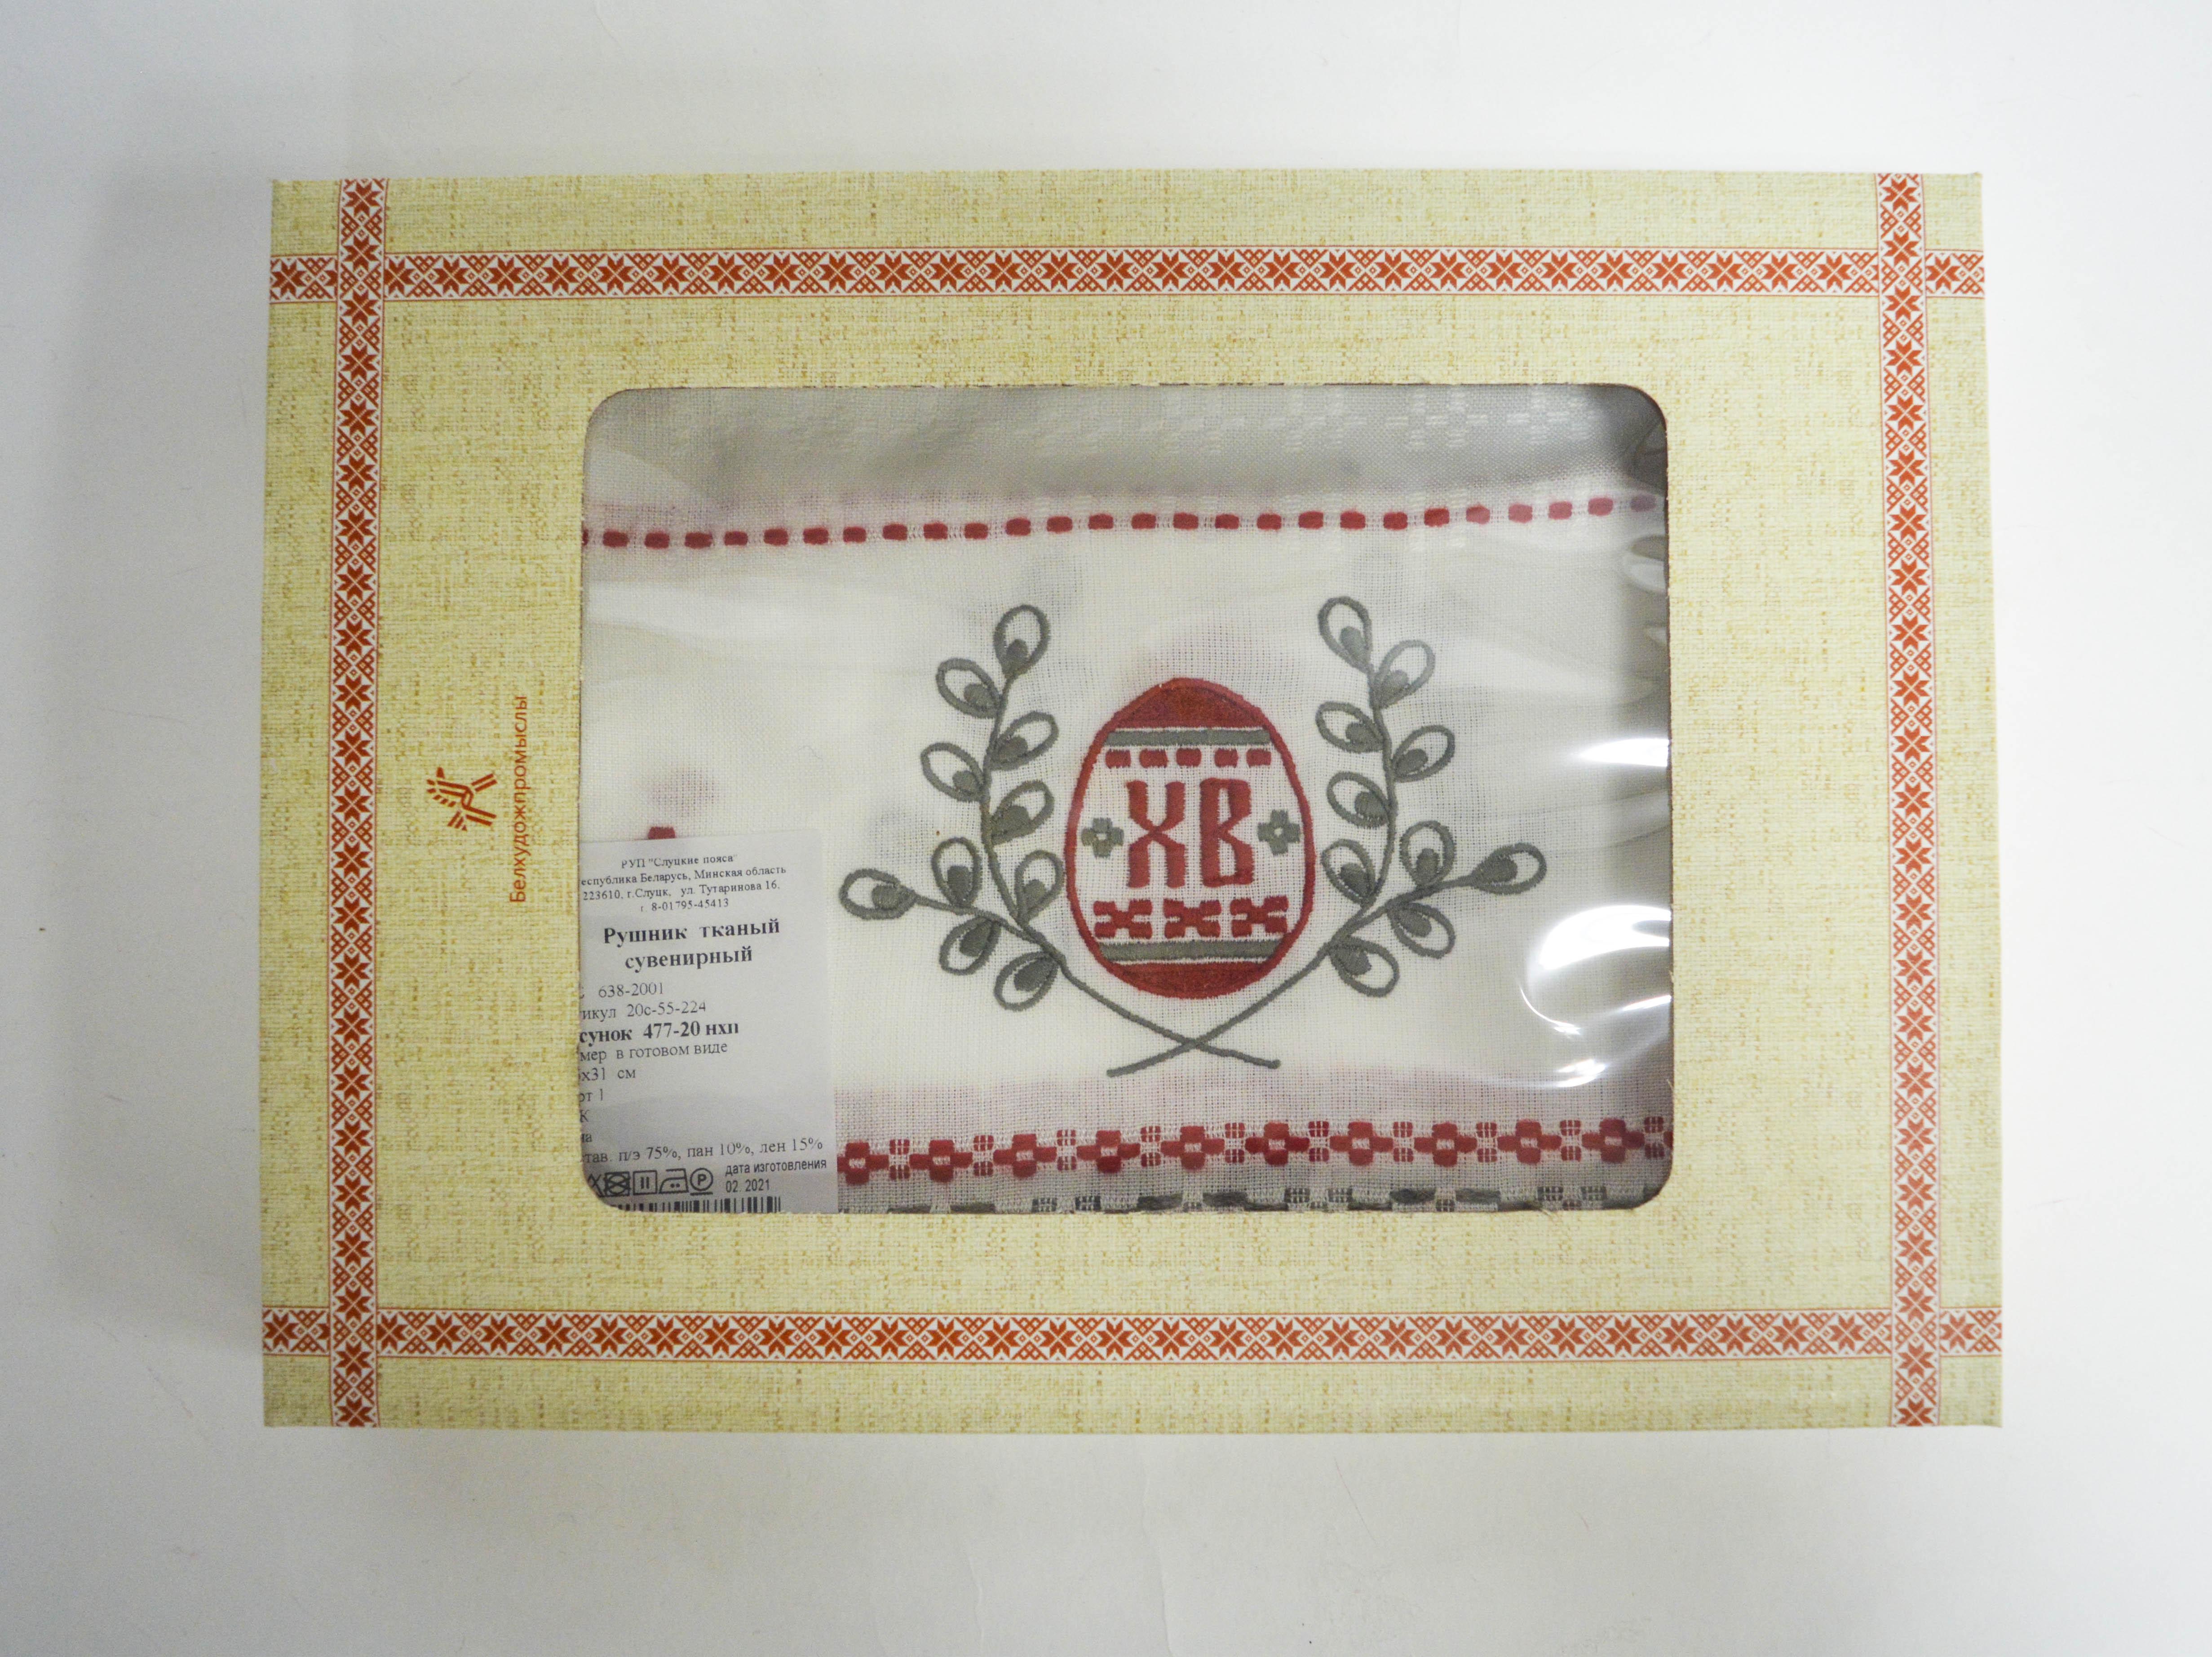 Рушник тканый арт. 20с-55-224